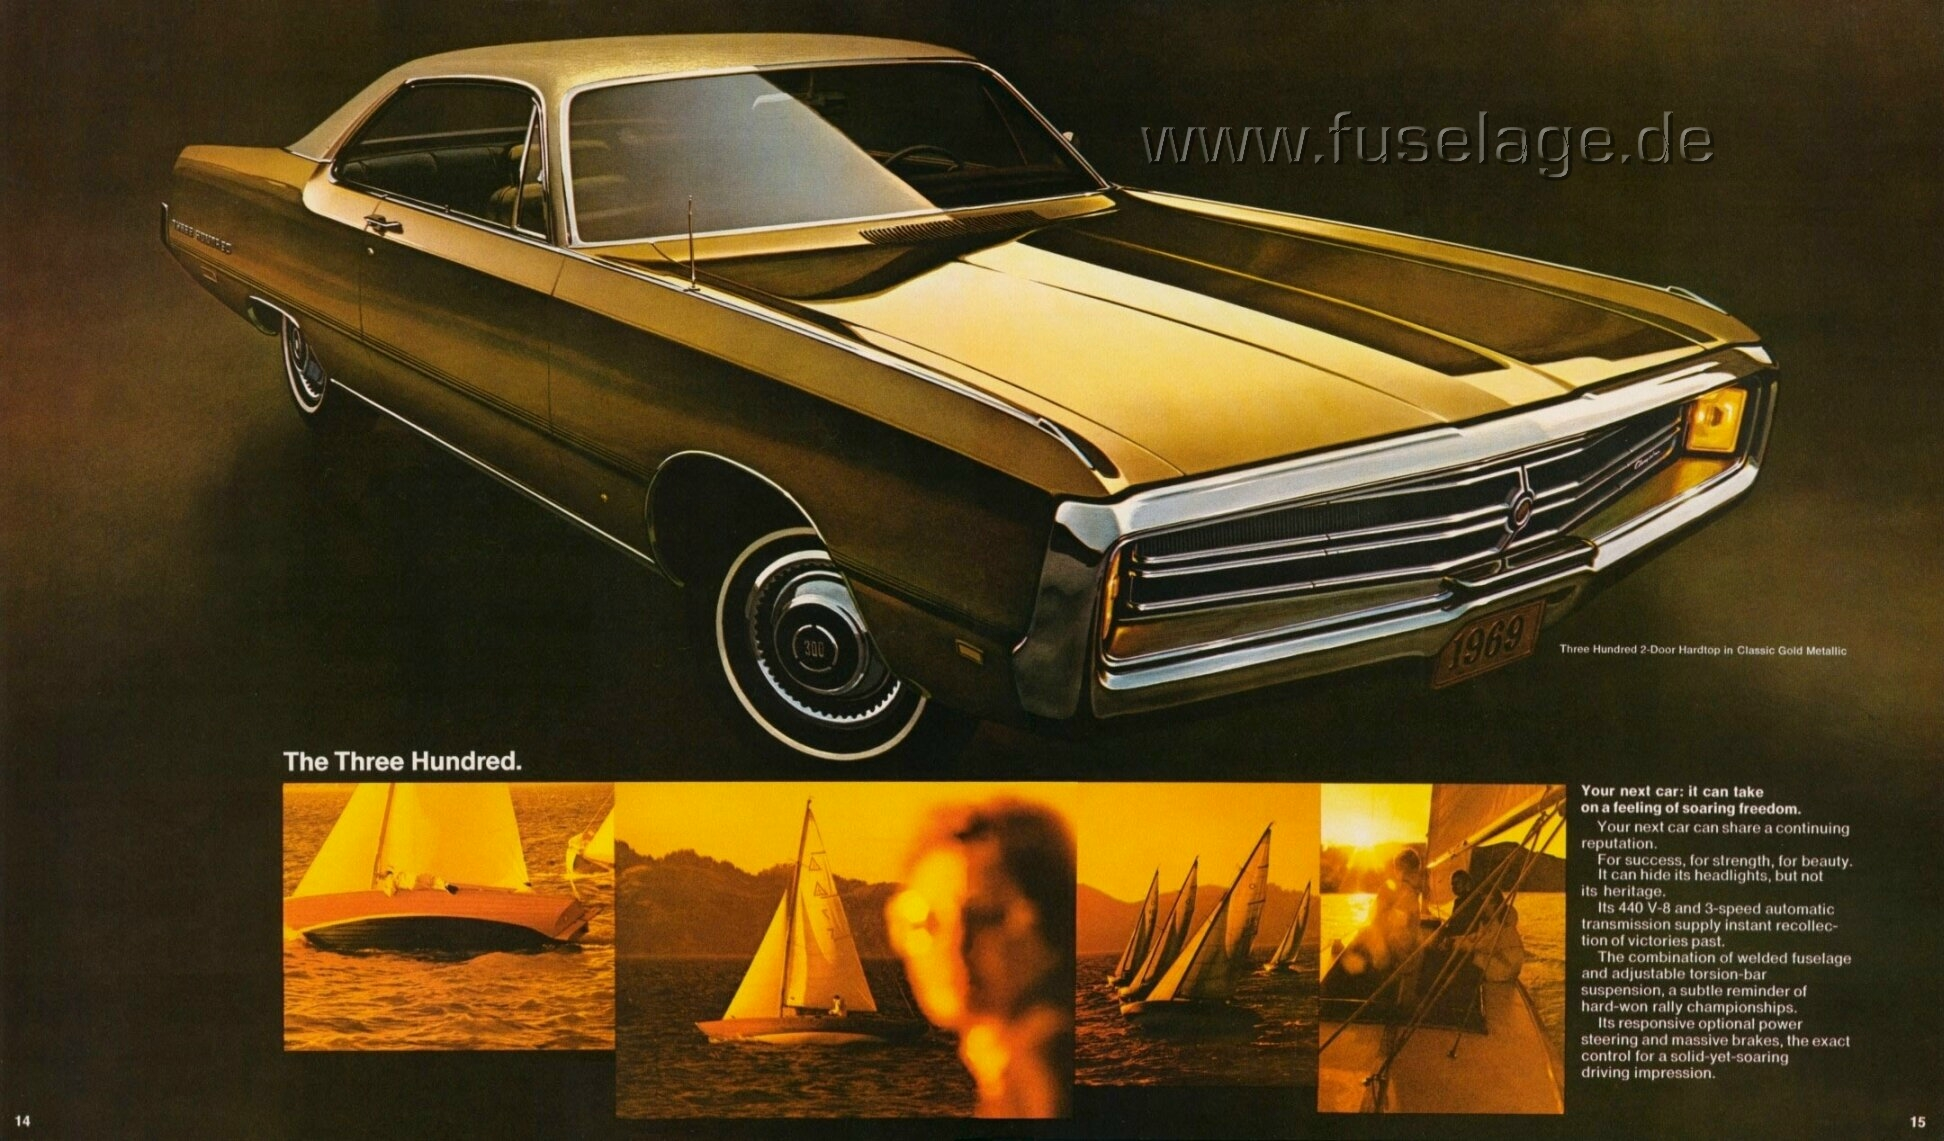 1969 Chrysler 300 Two-Door